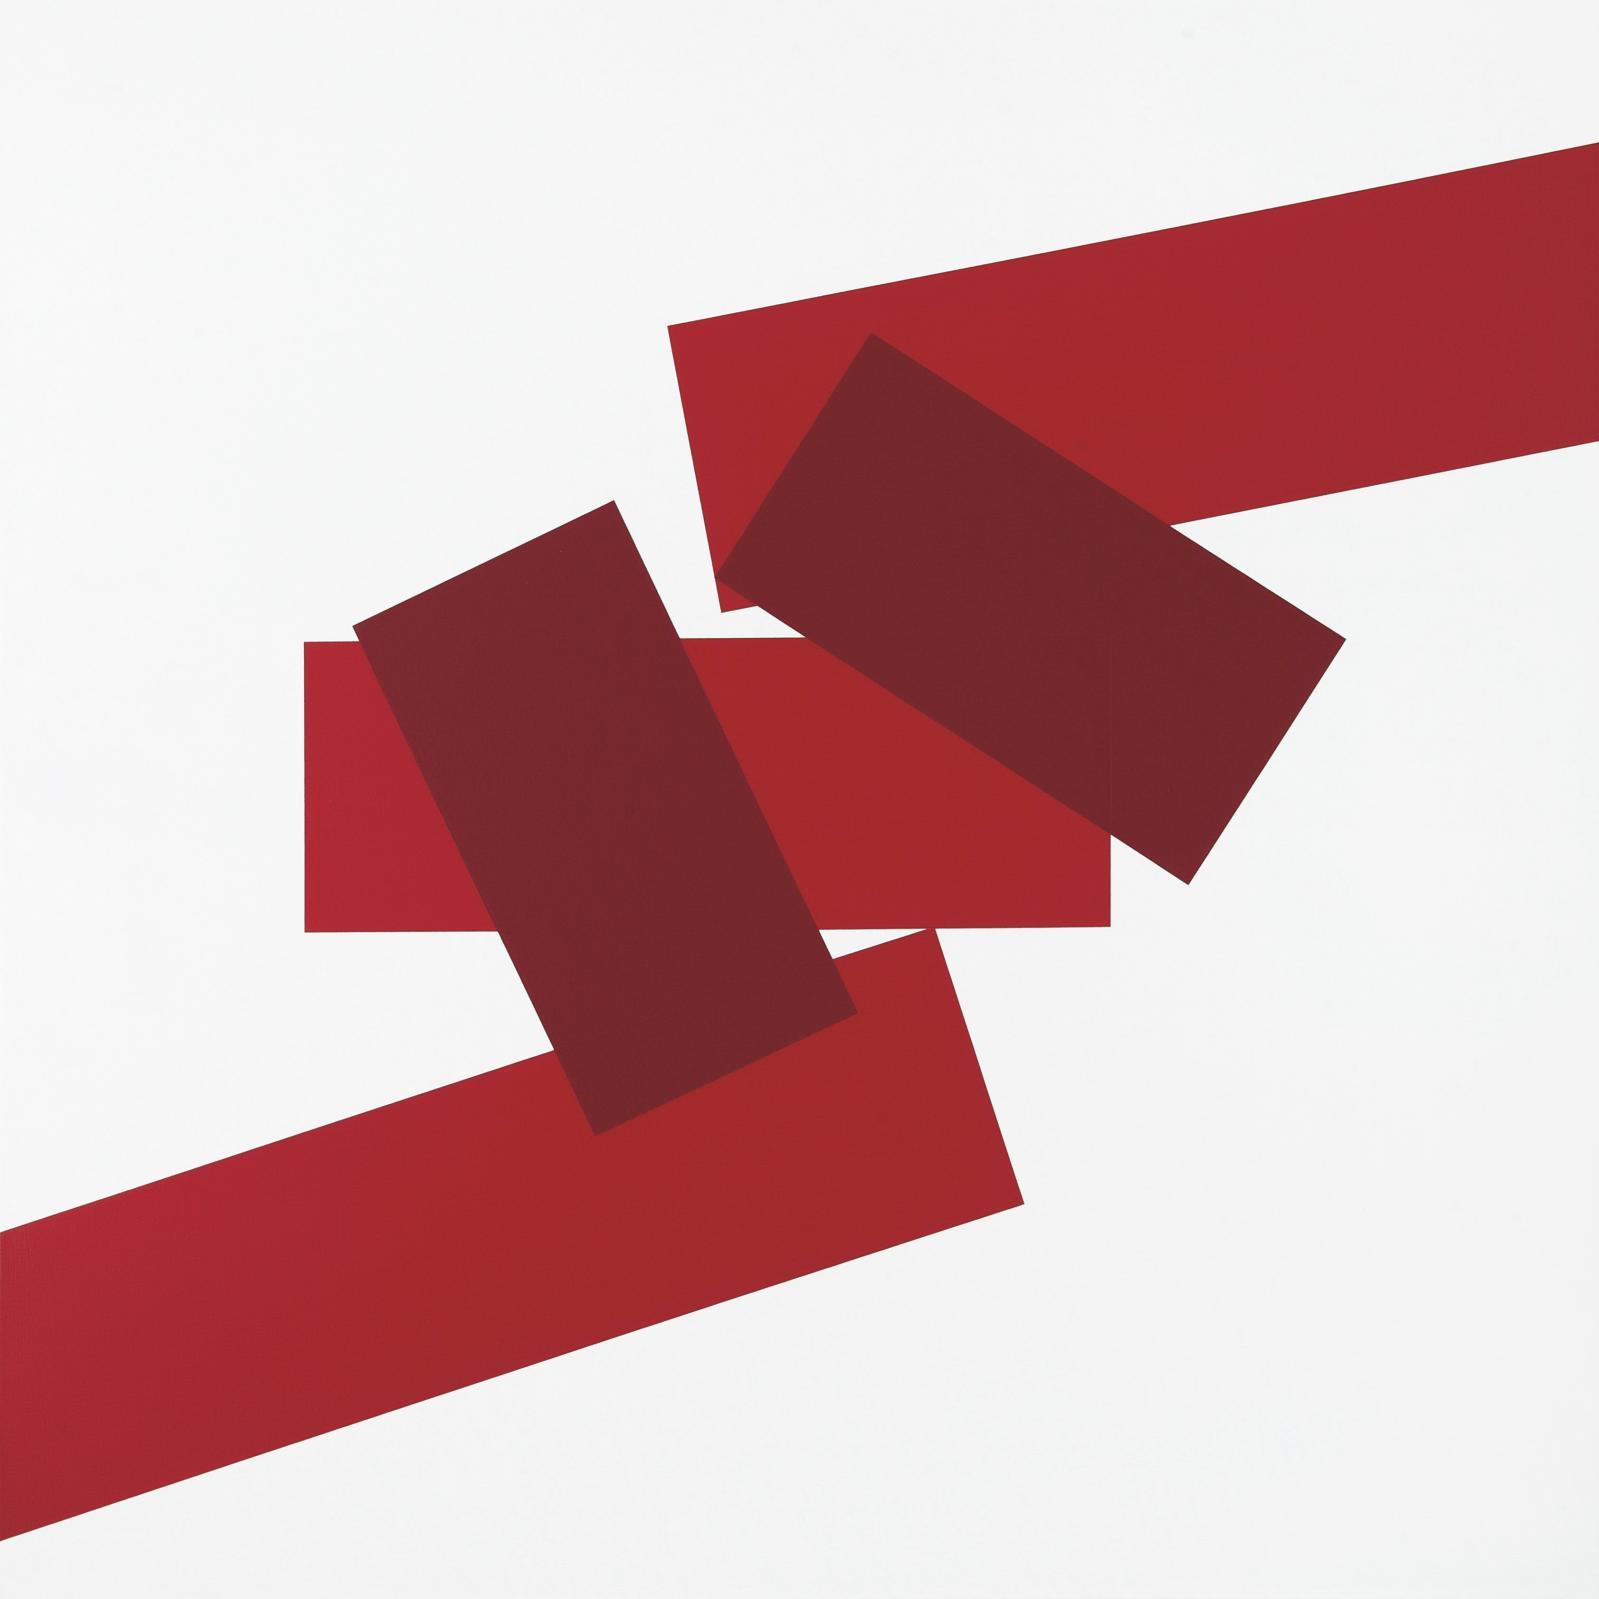 Véra Molnar, To 5 rectangles 2 reds, 2007, peinture sur toile, 100 x 100 cm.© Bertrand Hugues, courtesy Galerie Berthet-Aittouarès